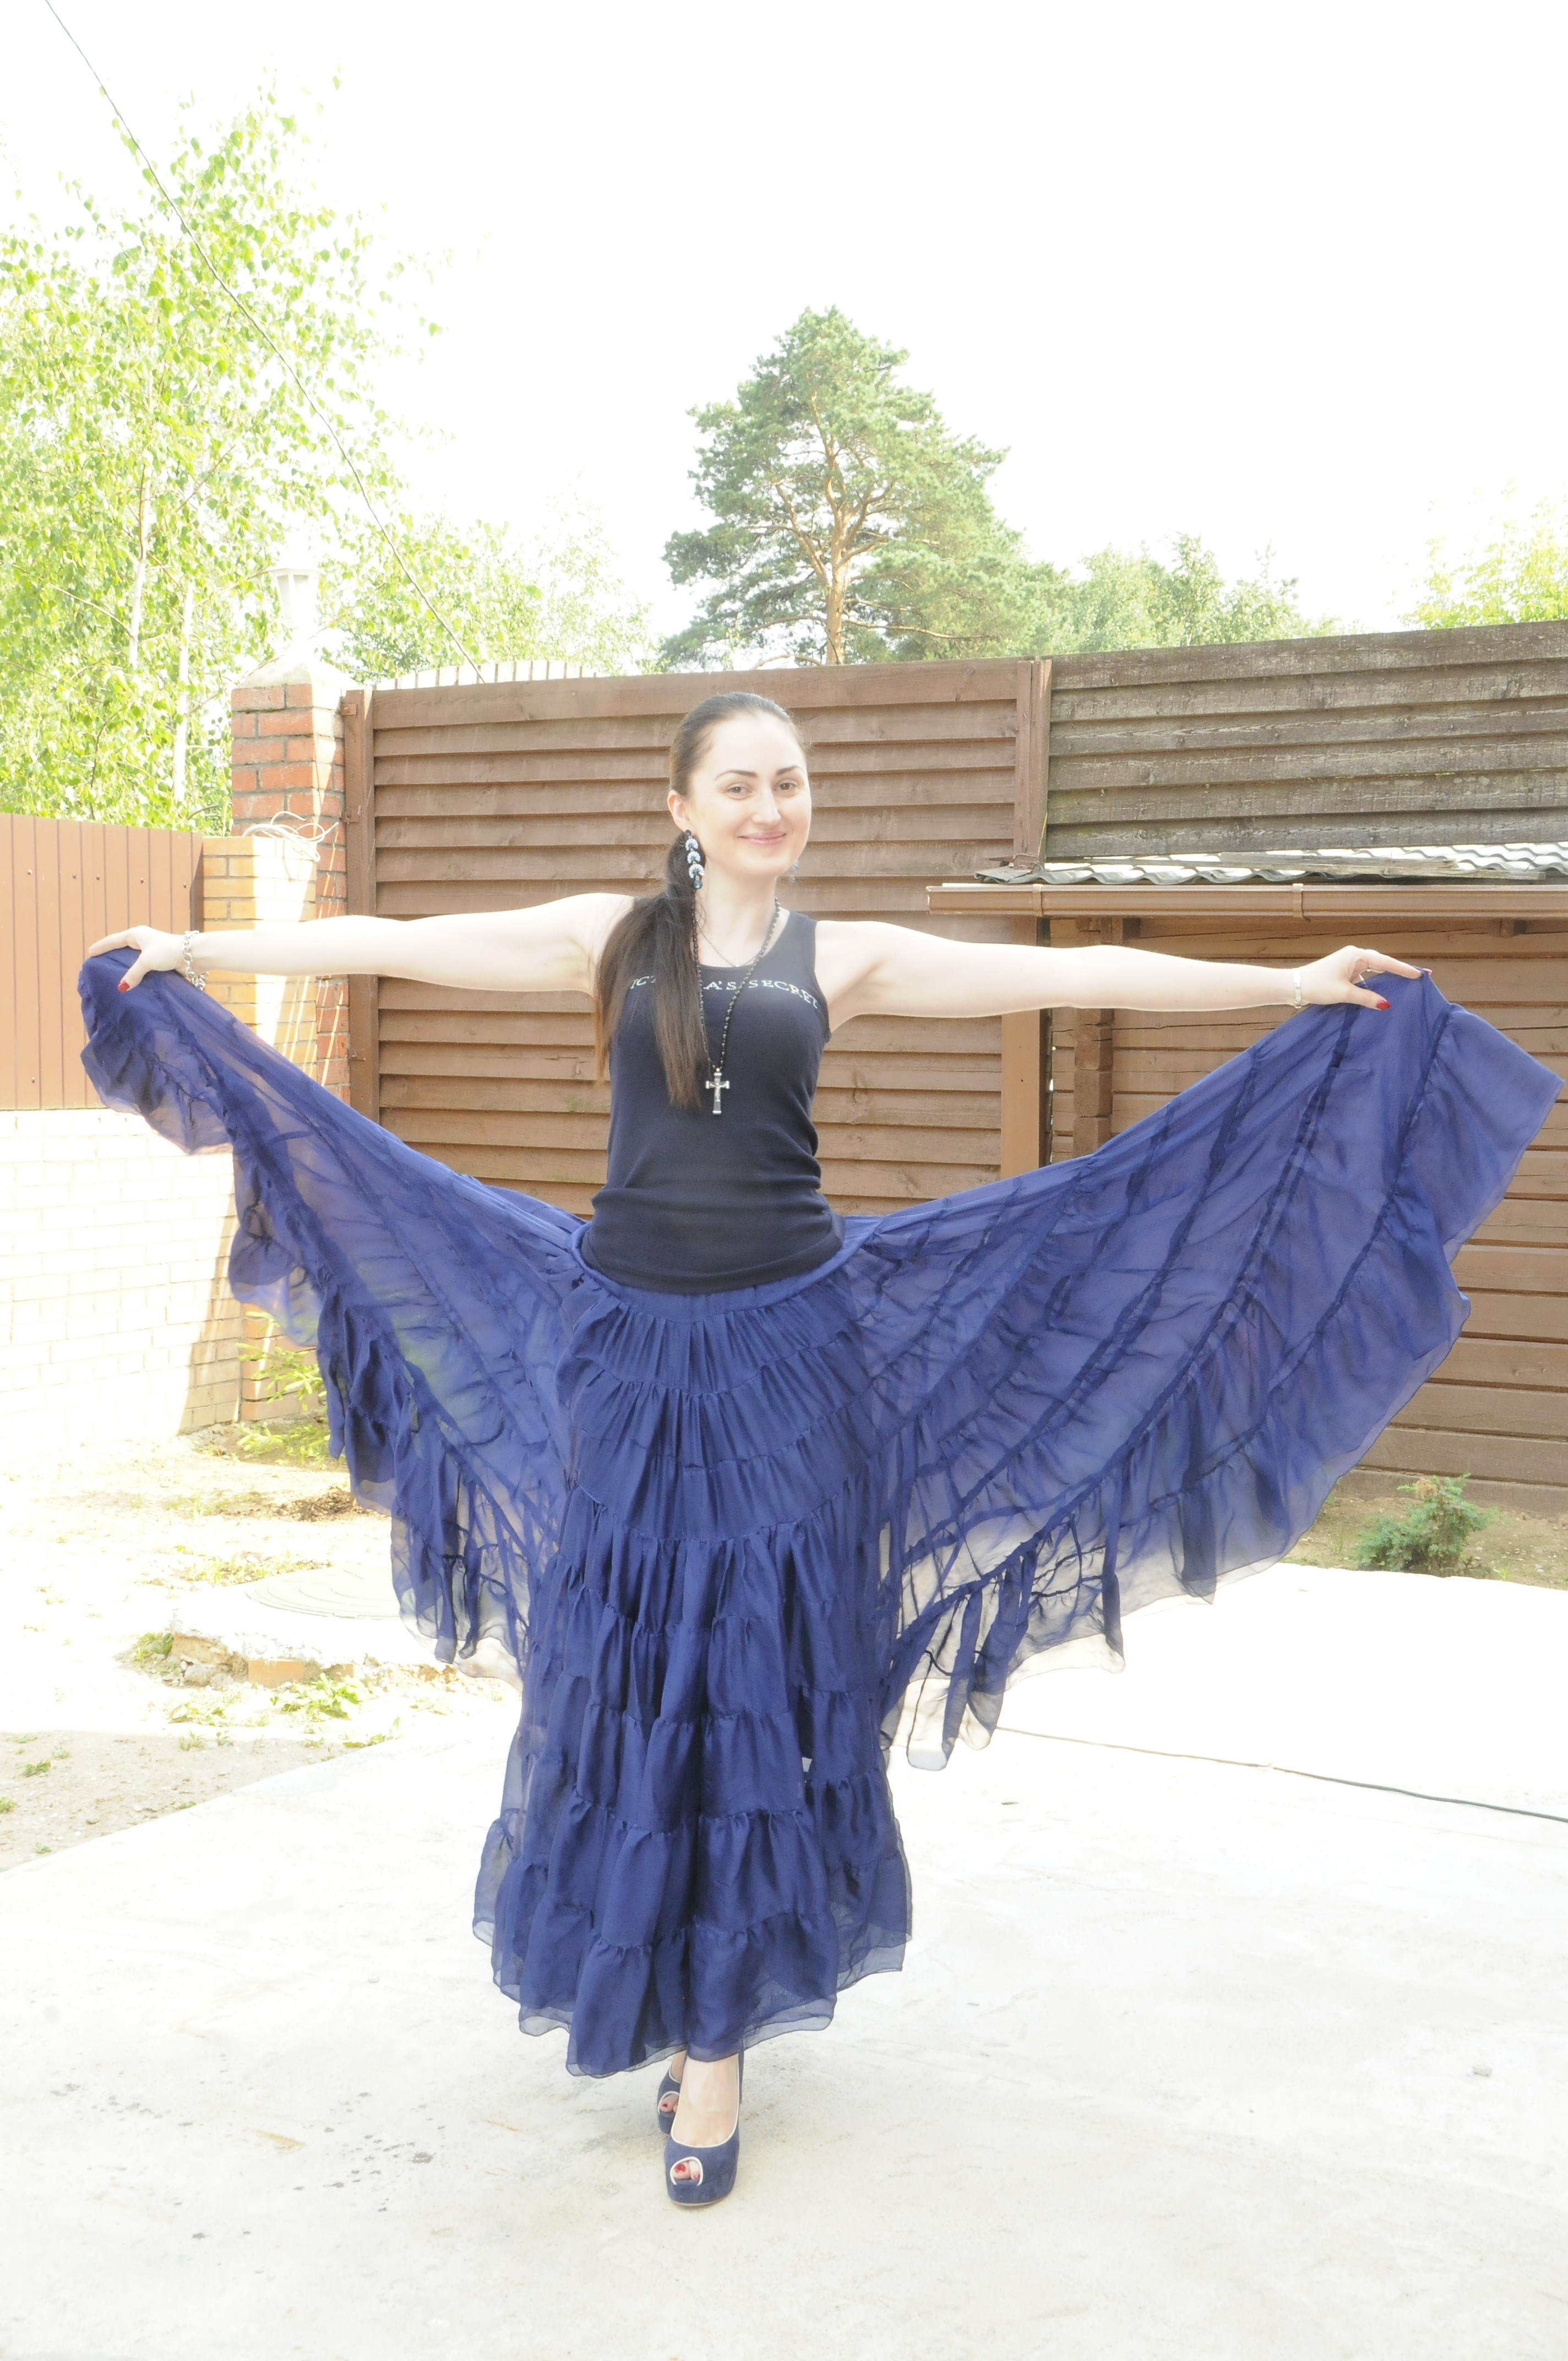 Шить шифоновую юбку Курсы кройки и шитья Школа дизайнерского мастерства Елизаветы Добрицкой